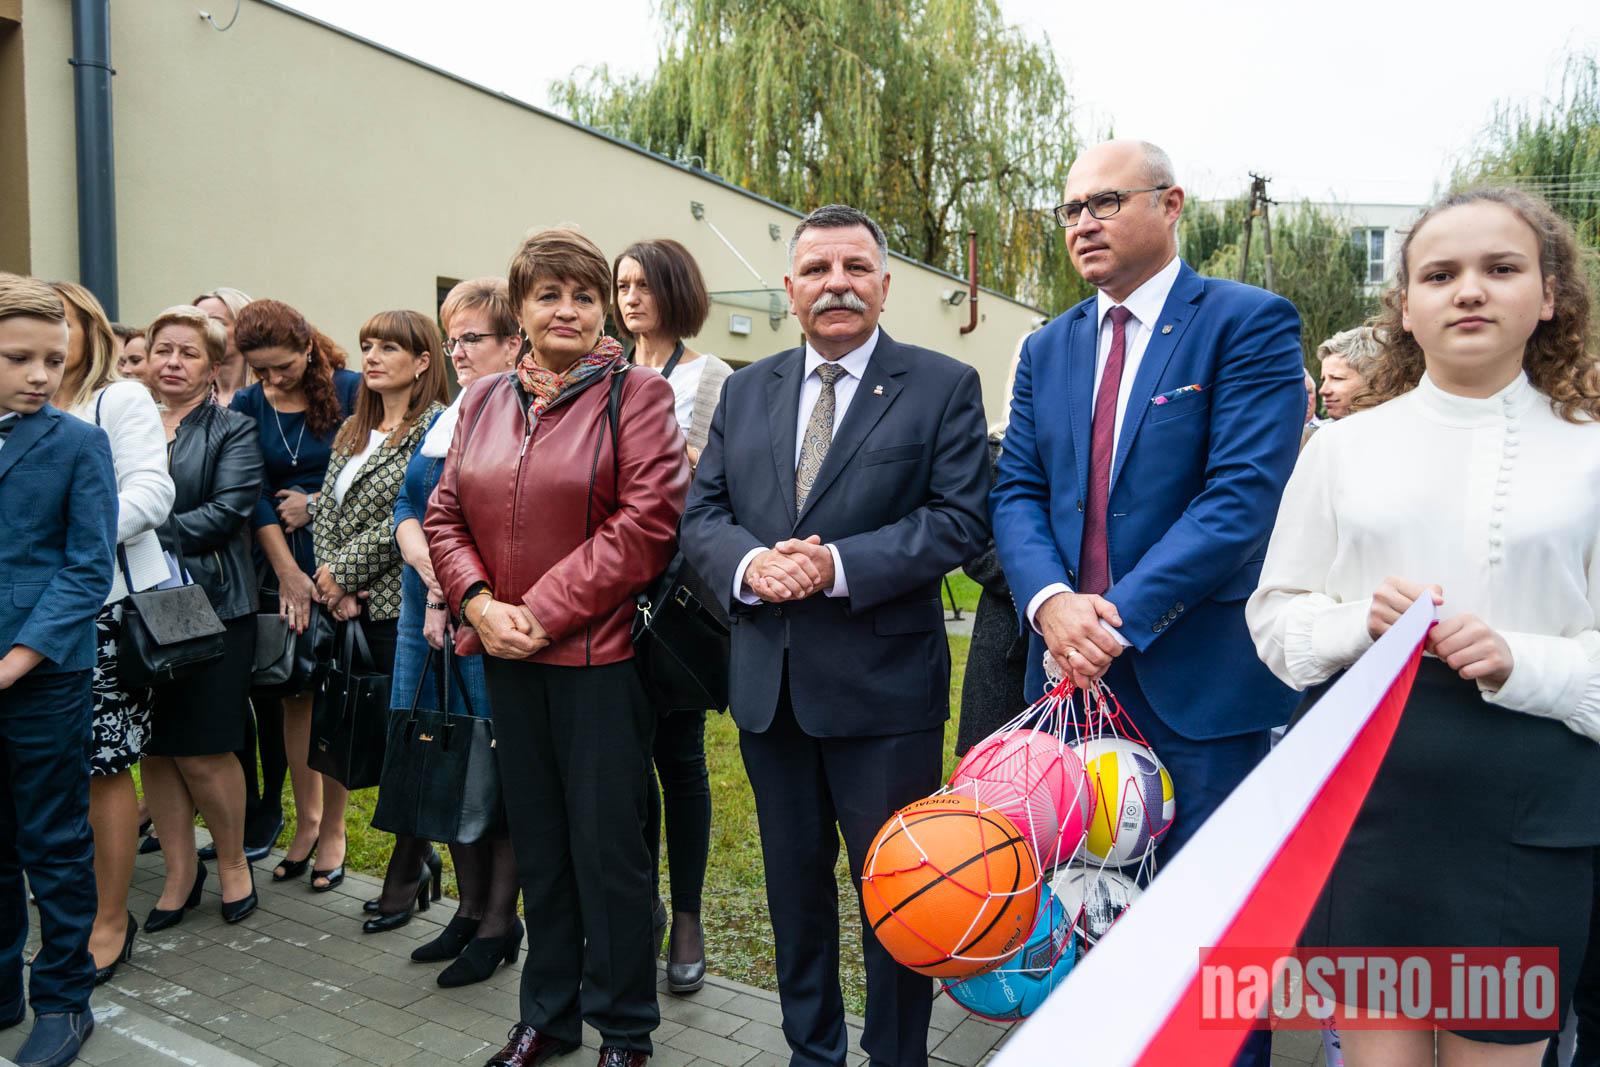 NaOSTRO Otwarcie Szkoły w Bałtowie-107